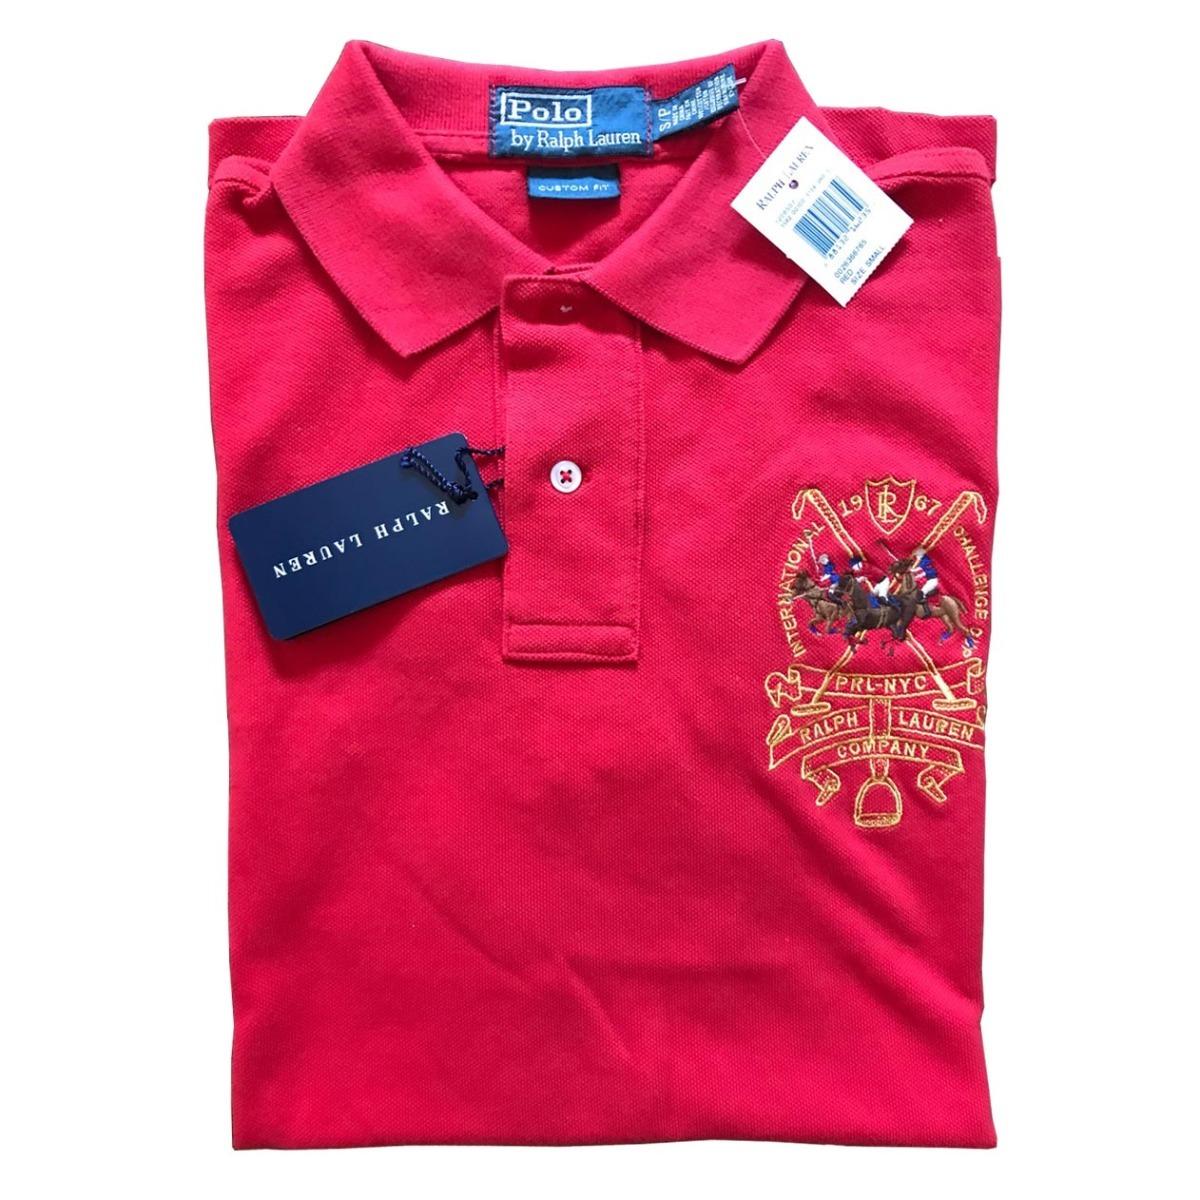 e89283407 camisa polo ralph lauren masculina 100% original - tam  p p7. Carregando  zoom.